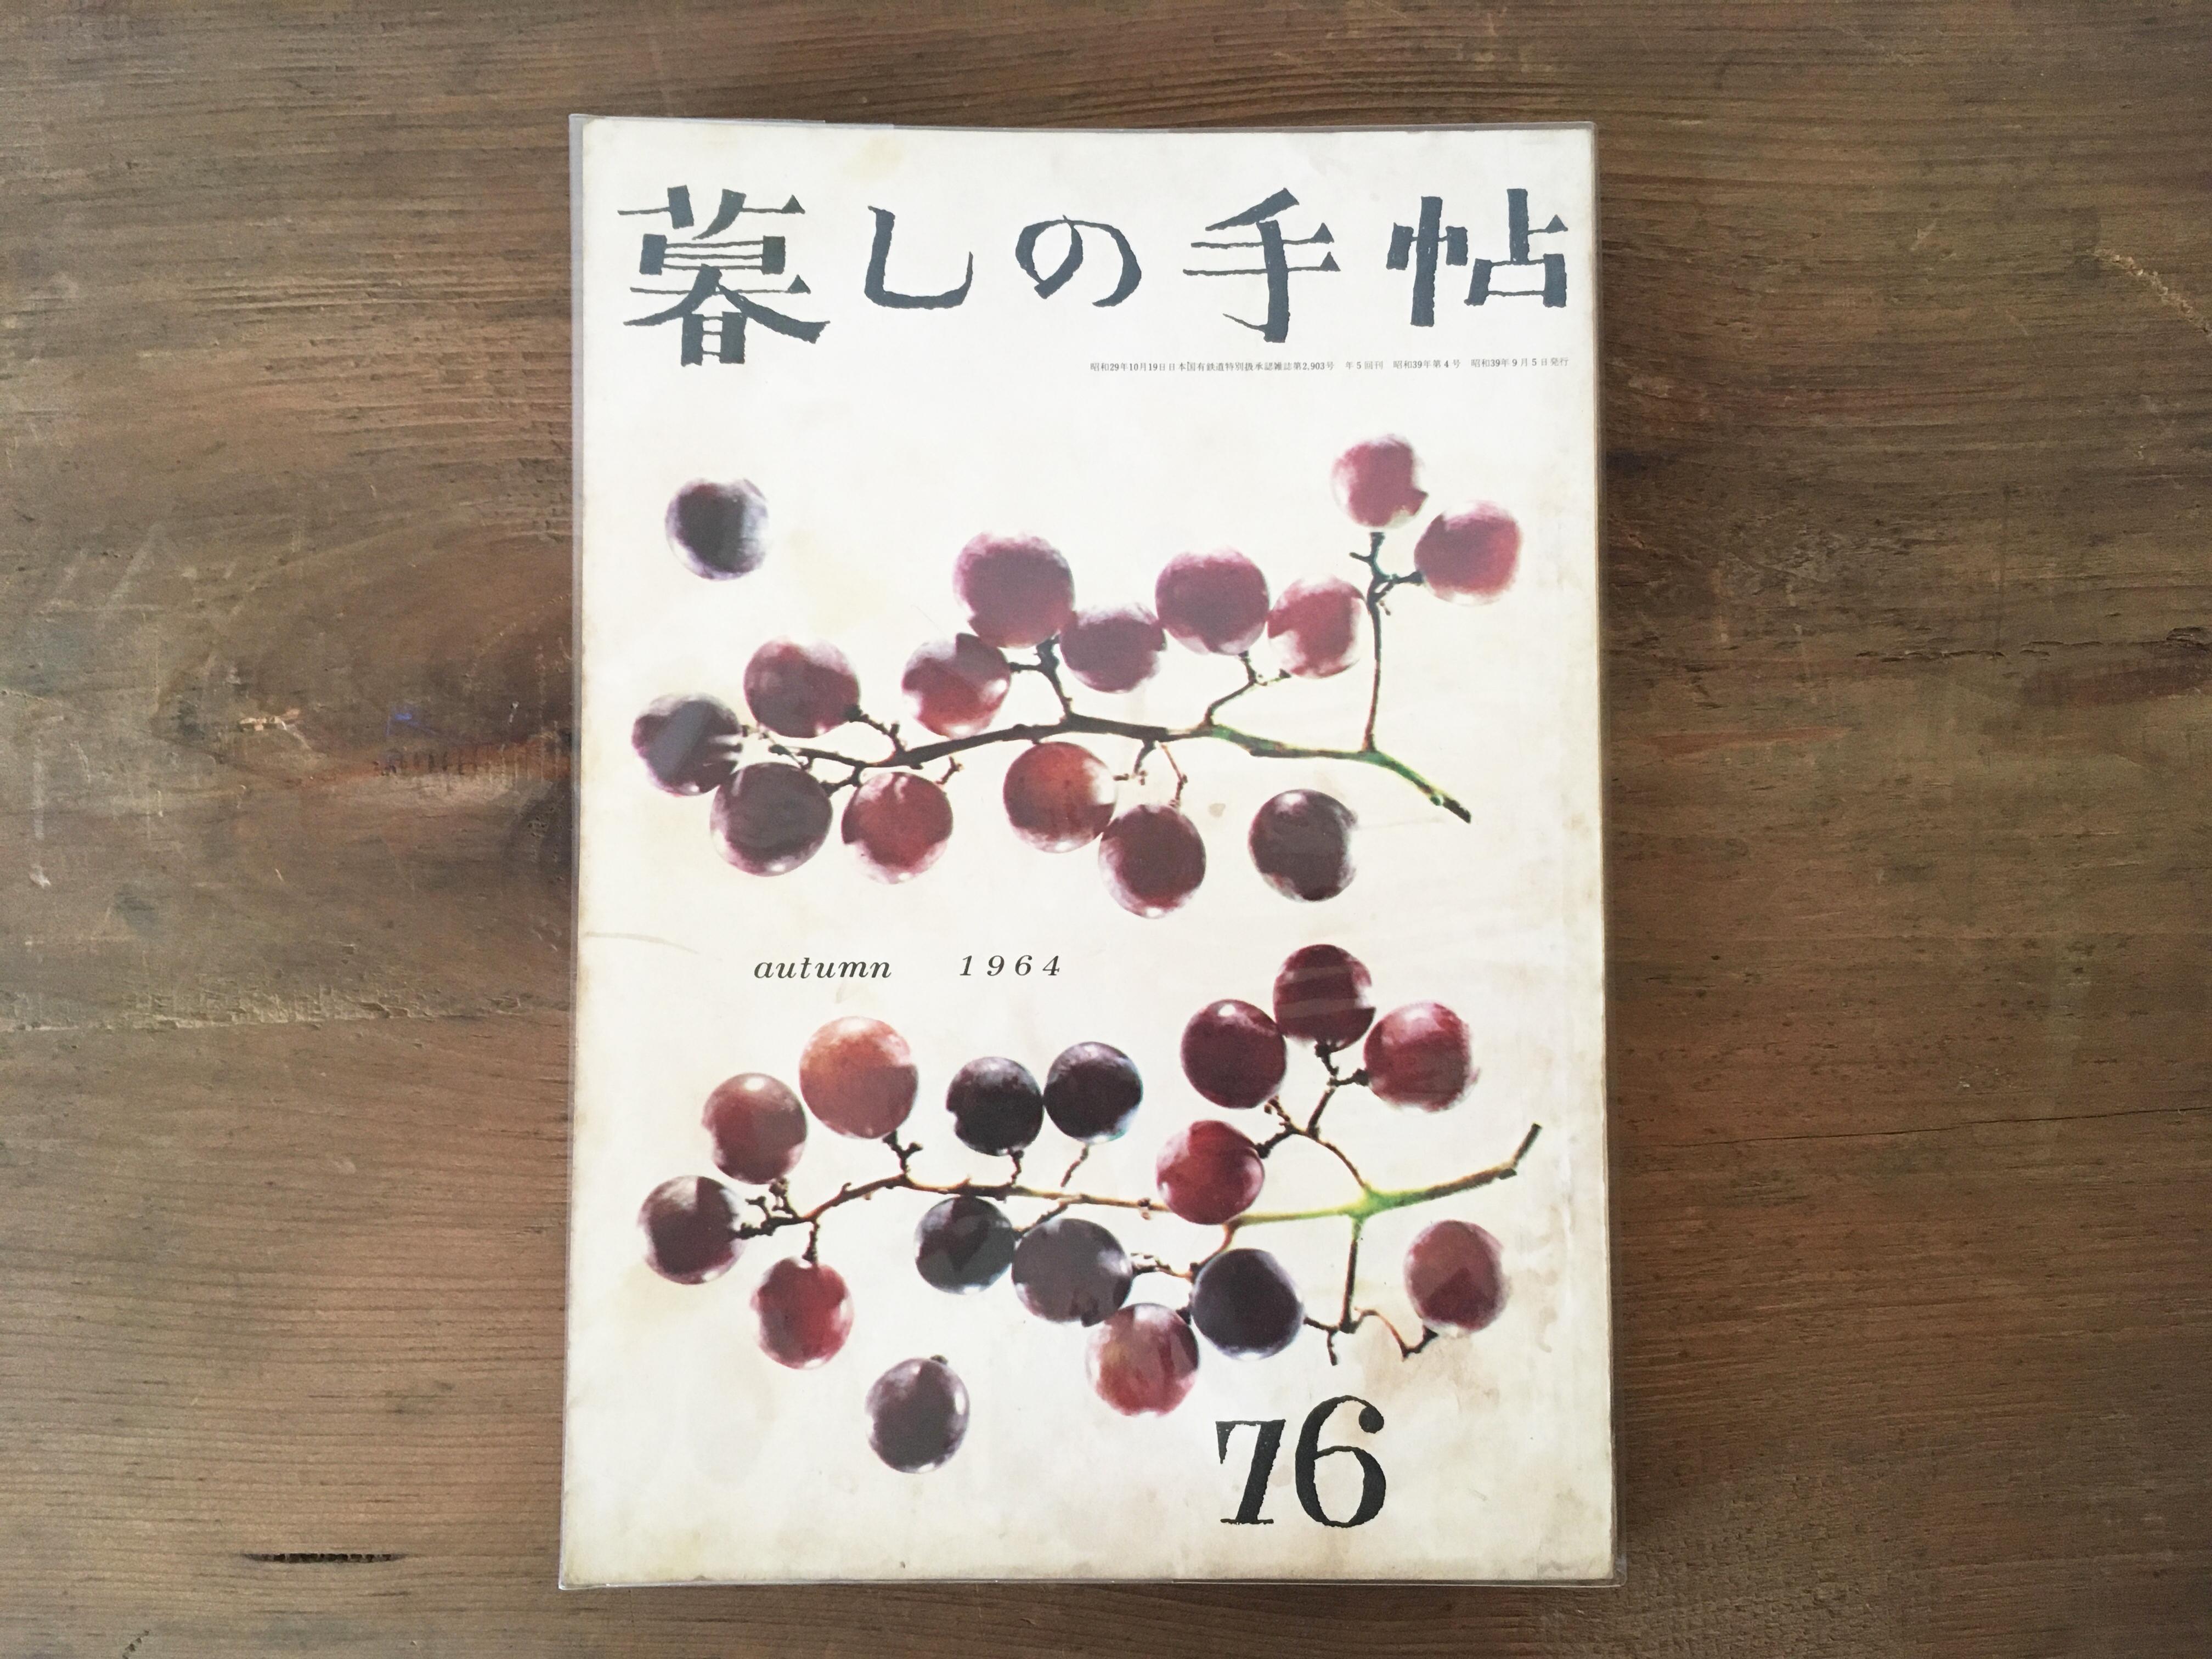 [古本]雑誌 暮しの手帖 1964年 秋 76号(第1世紀)